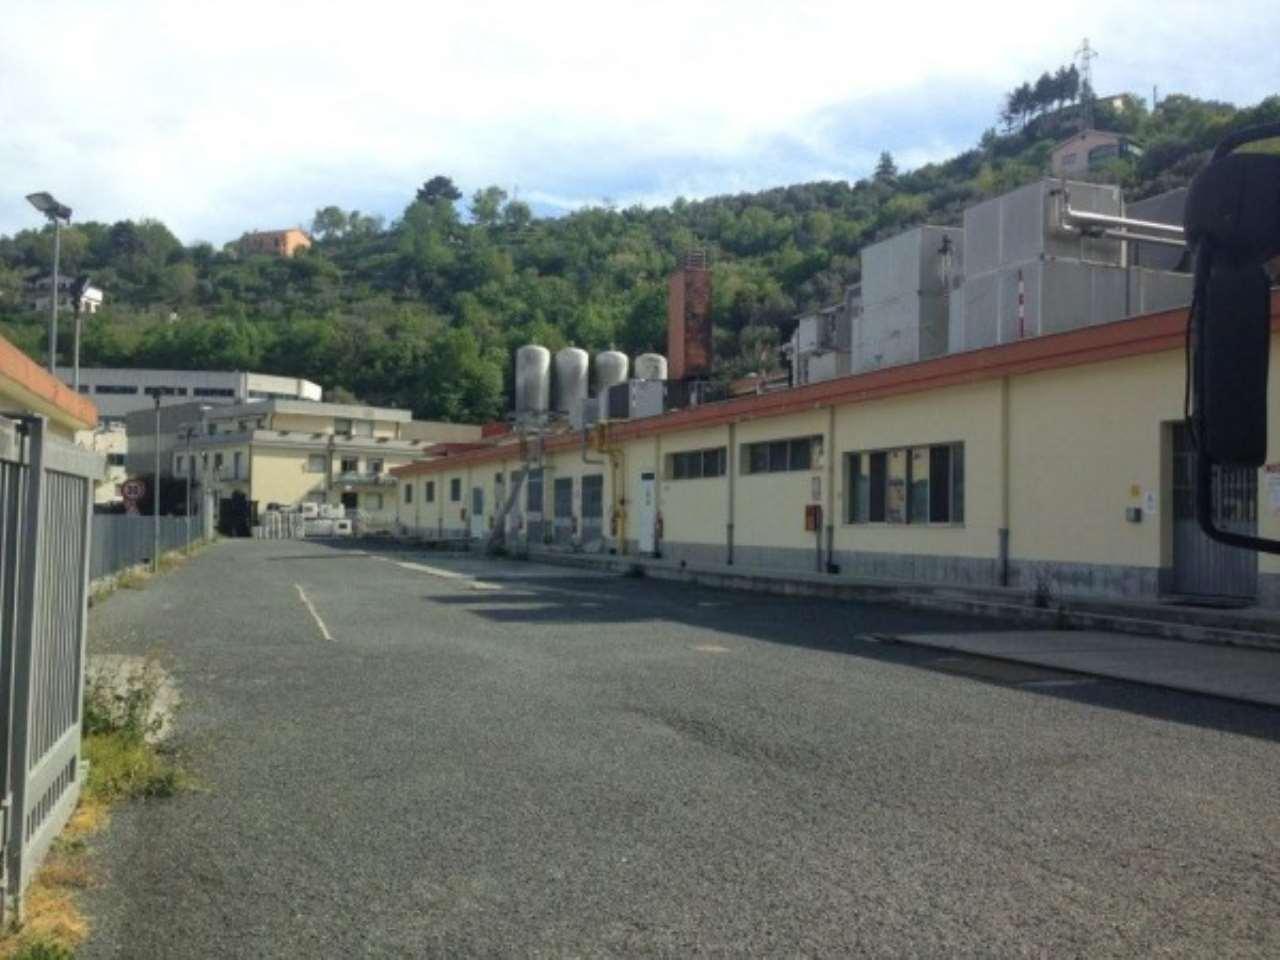 Capannone in vendita a Albissola Marina, 6 locali, Trattative riservate | Cambio Casa.it